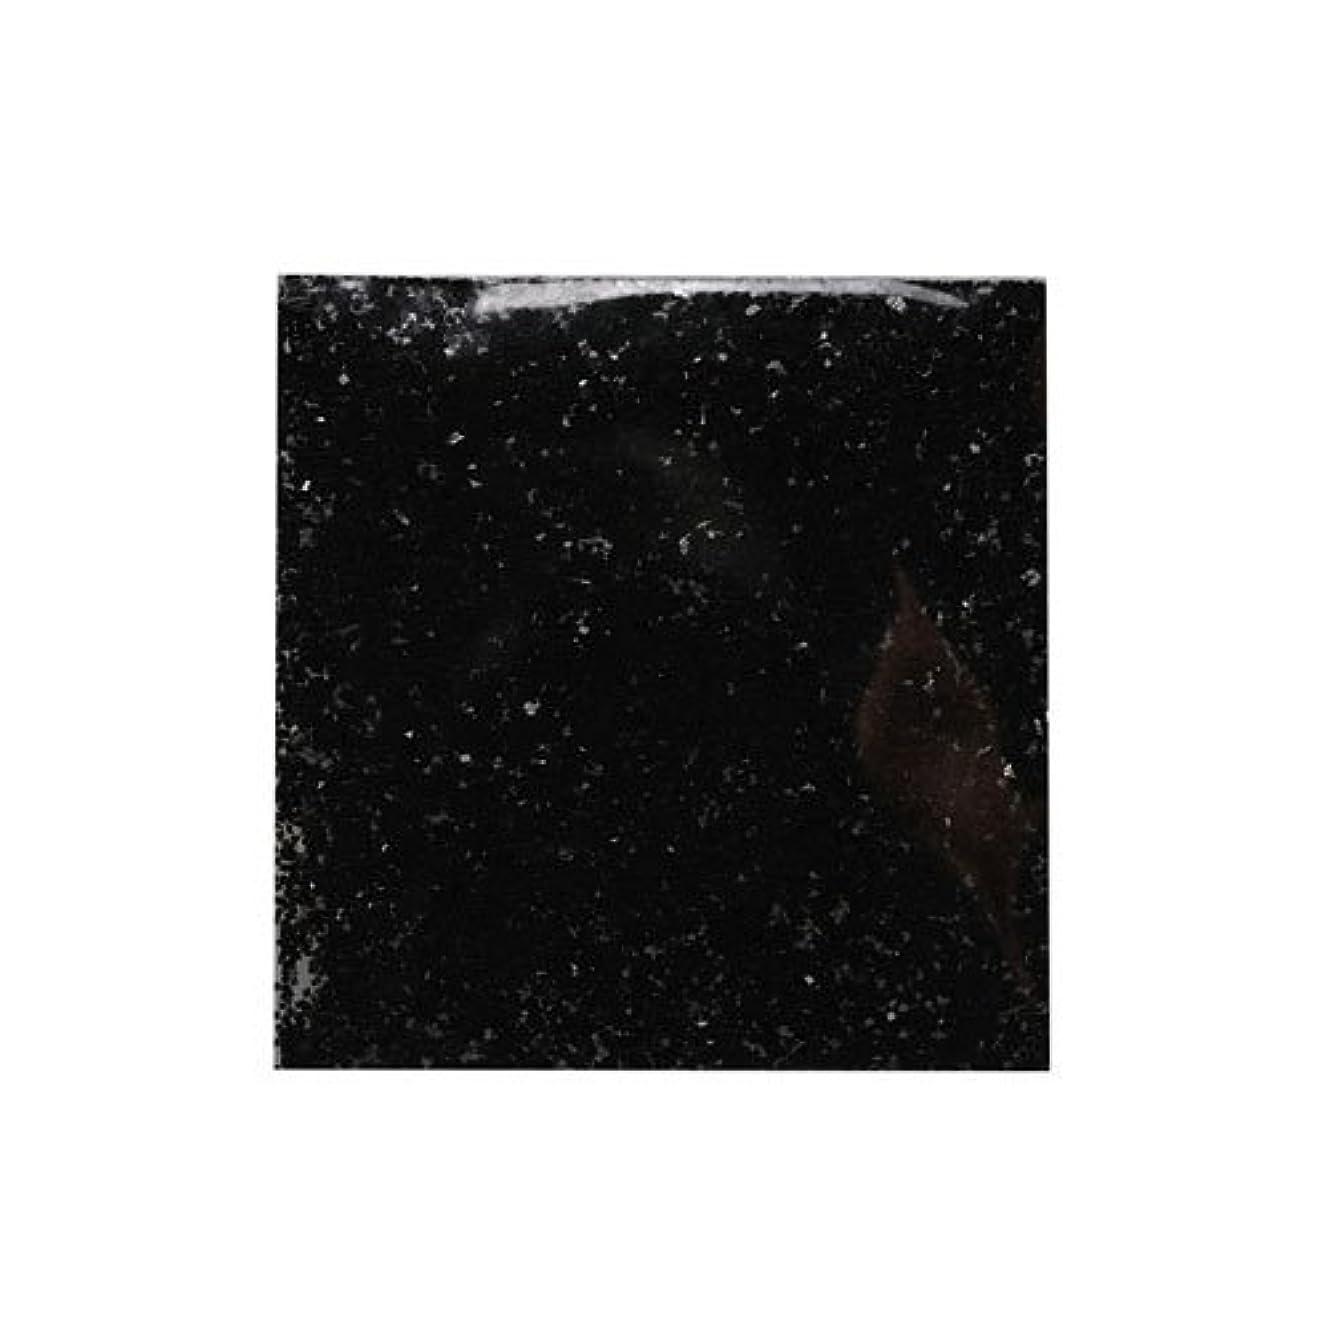 デマンド粘り強い動作ピカエース ネイル用パウダー ラメメタリック M #537 ブラック 2g アート材